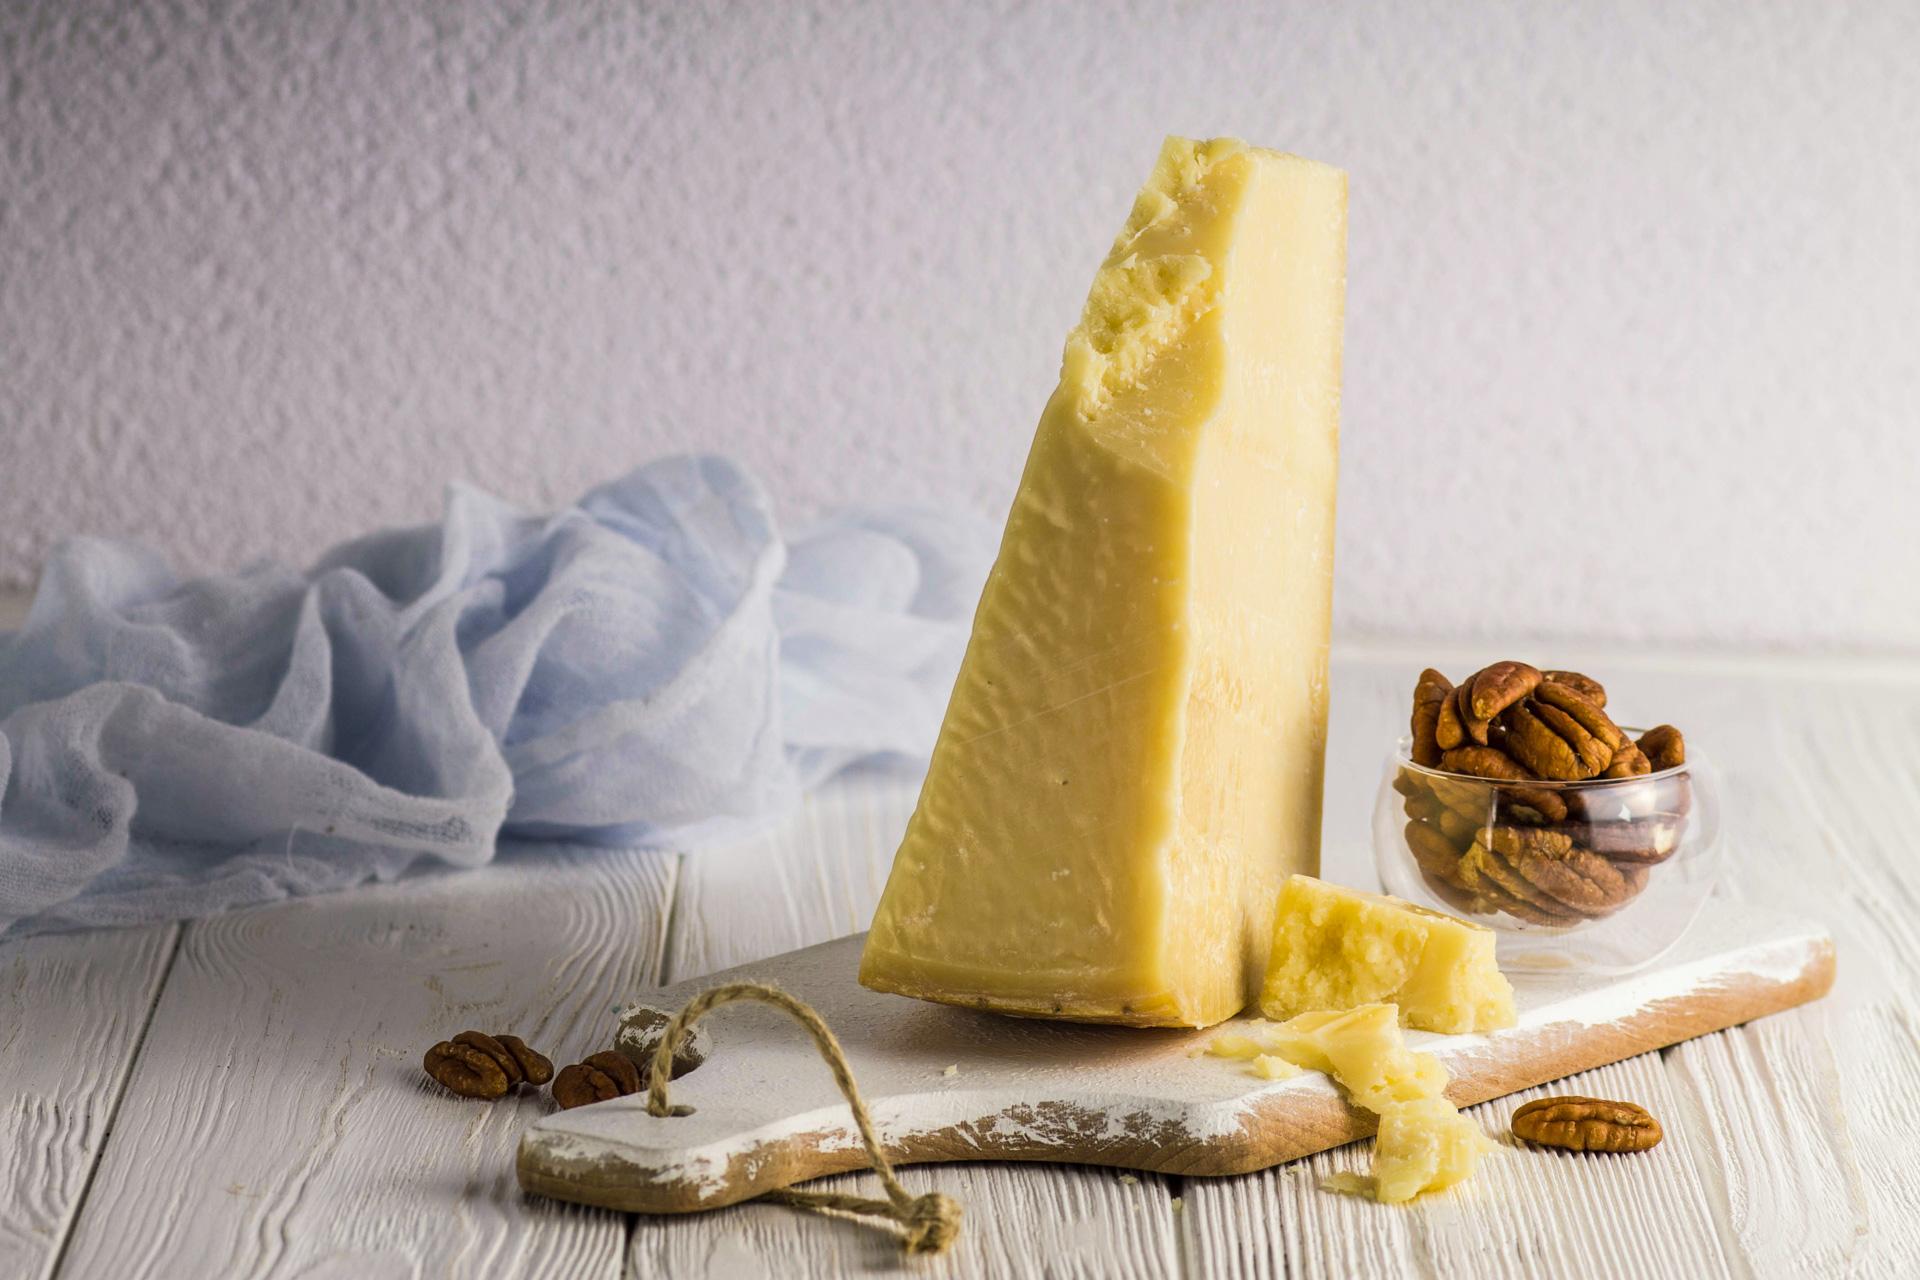 Parmigiano Reggiano, czyli słynny parmezan. Jak powstaje? Jak rozpoznać oryginalny ser?